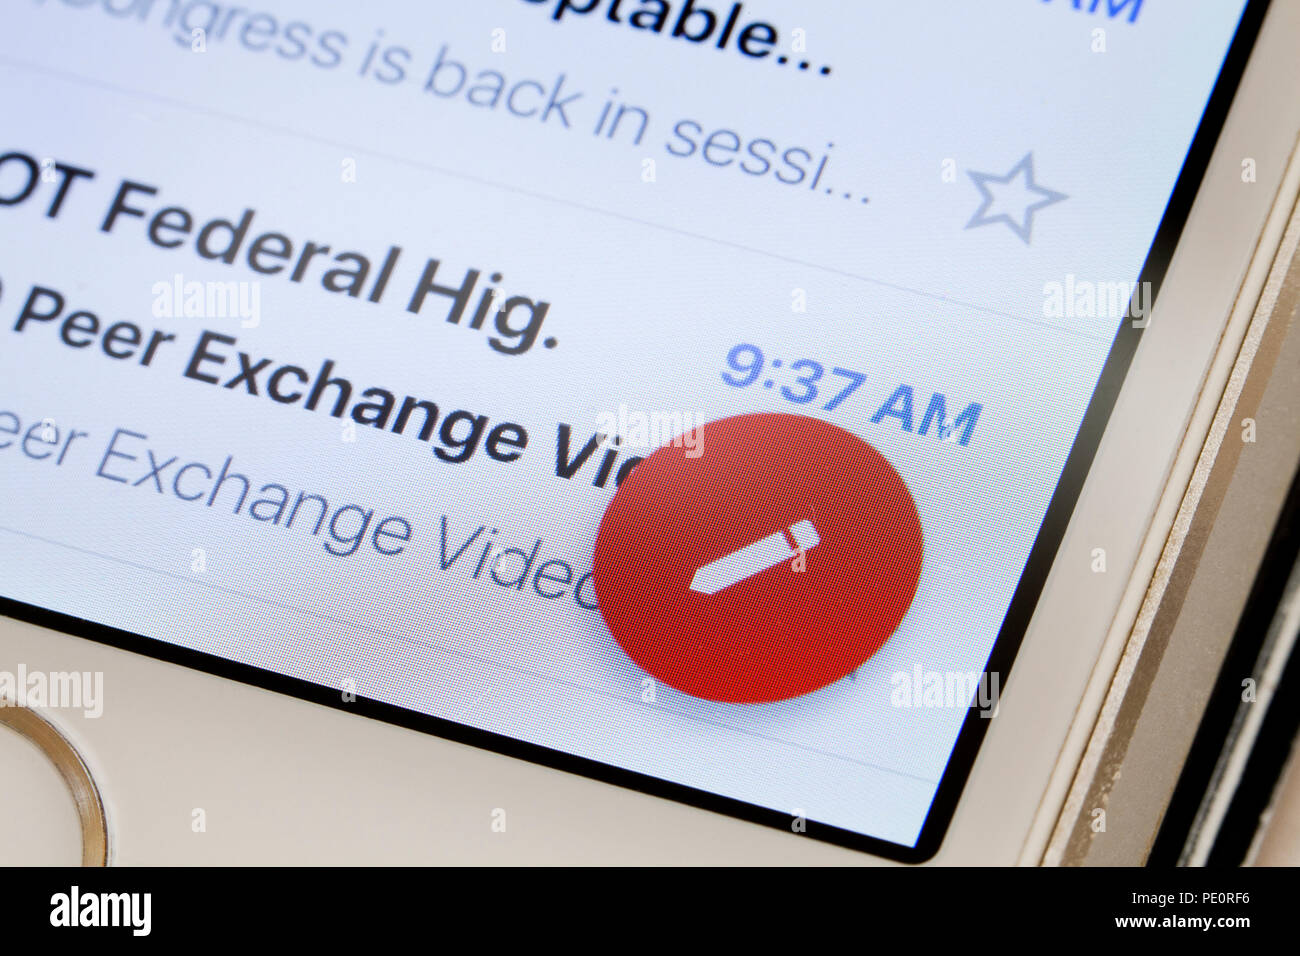 Gmail icona componi (e-mail comporre icona penna) close up Immagini Stock